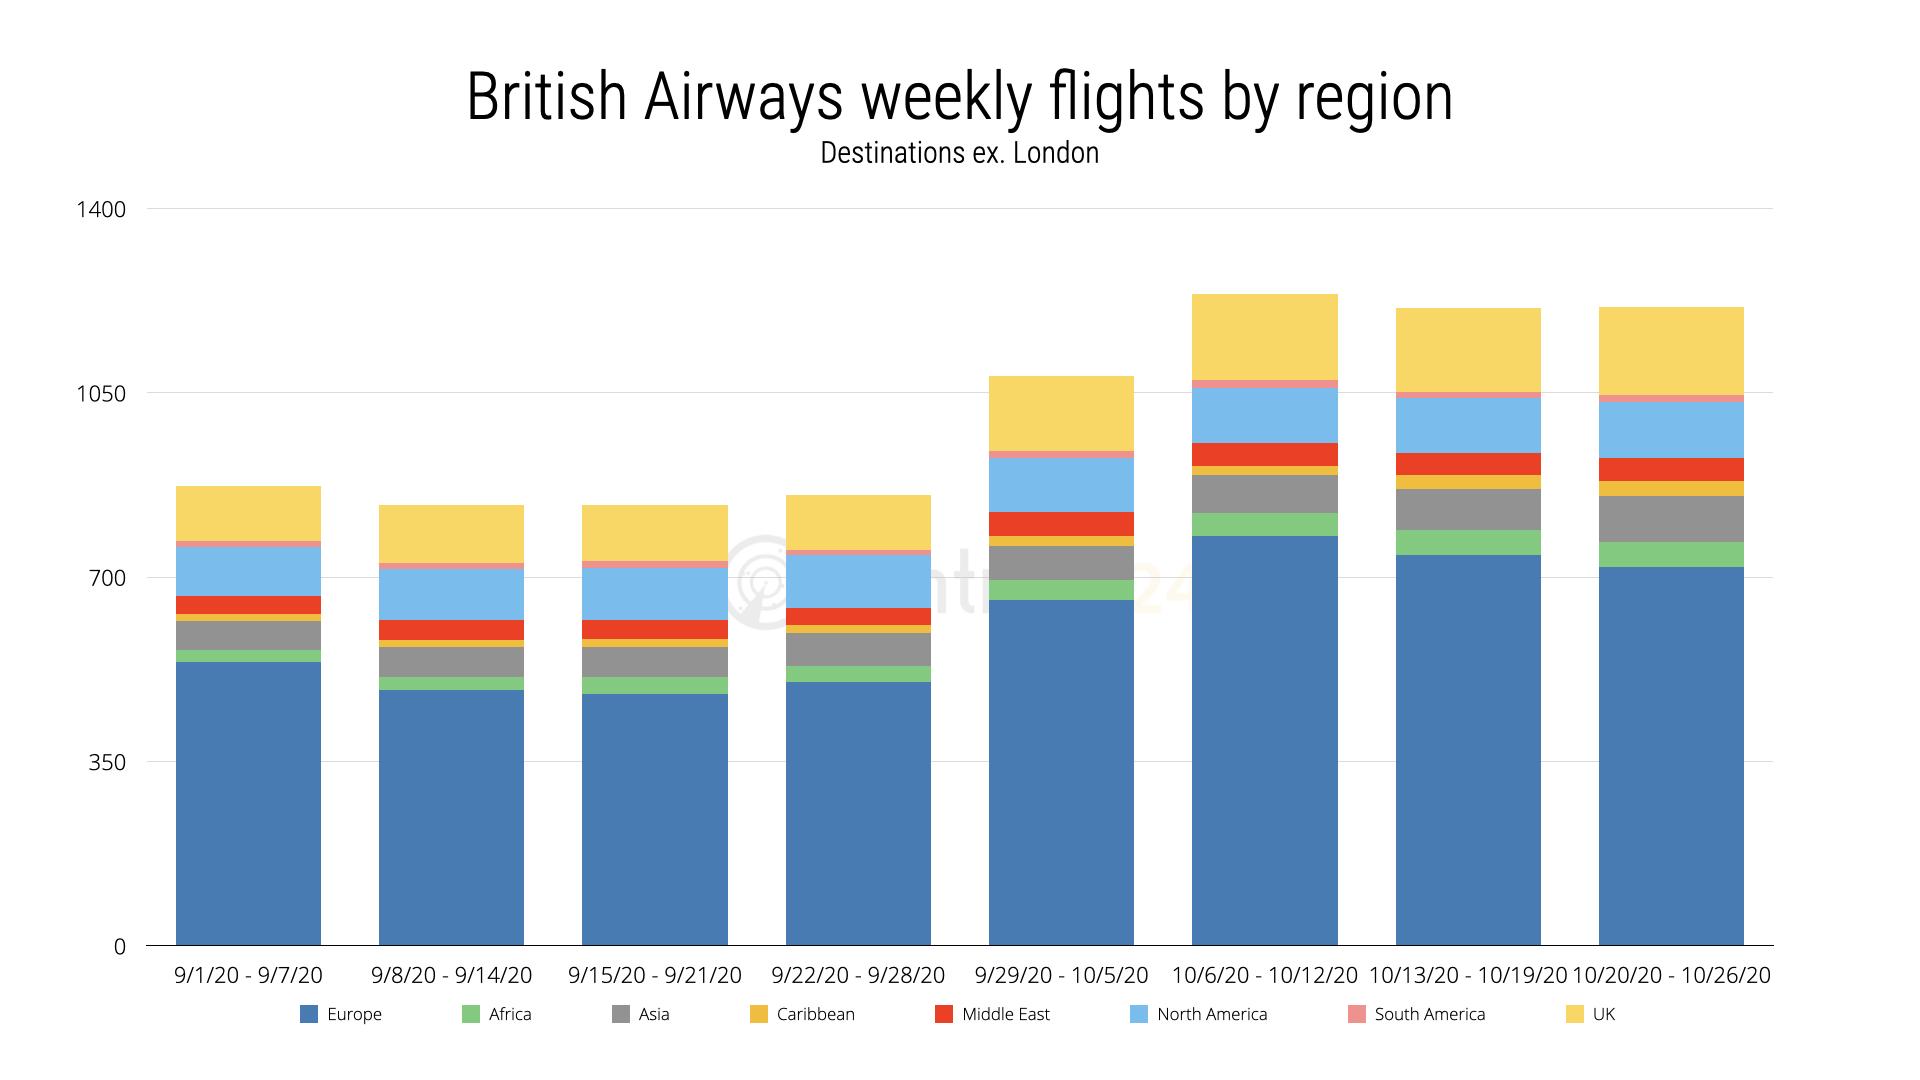 British Airways destinations by region